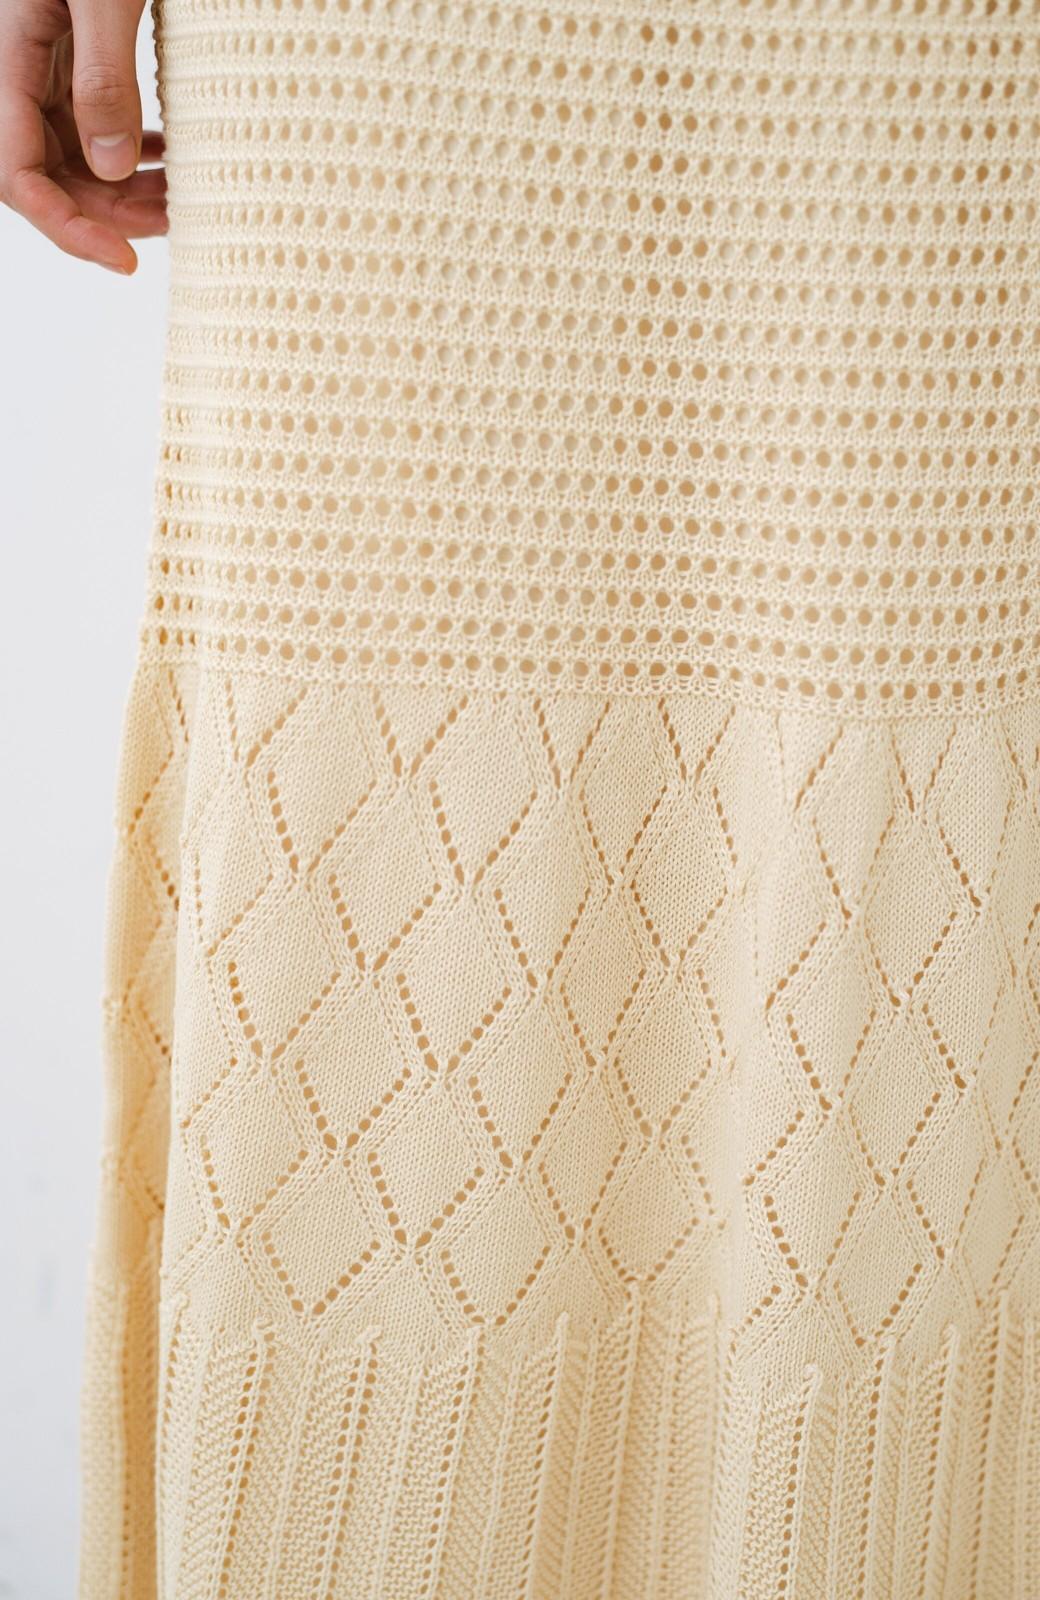 haco! 単品はもちろん重ね着してもかわいさが増す!透かし編みマーメイドスカート <アイボリー>の商品写真11